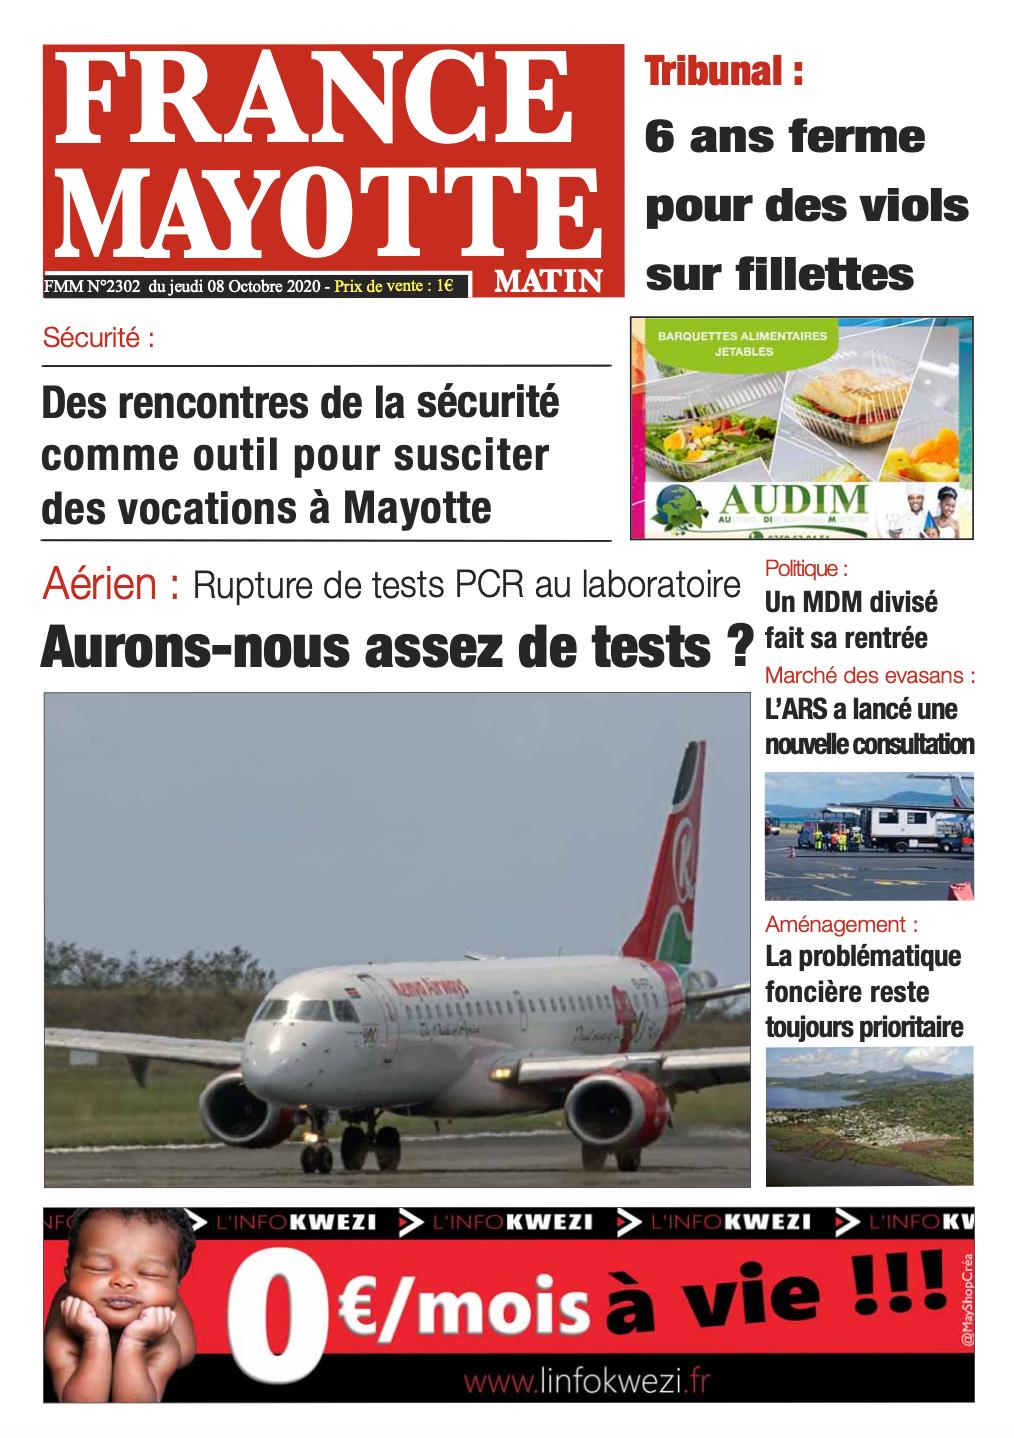 France Mayotte Jeudi 8 octobre 2020